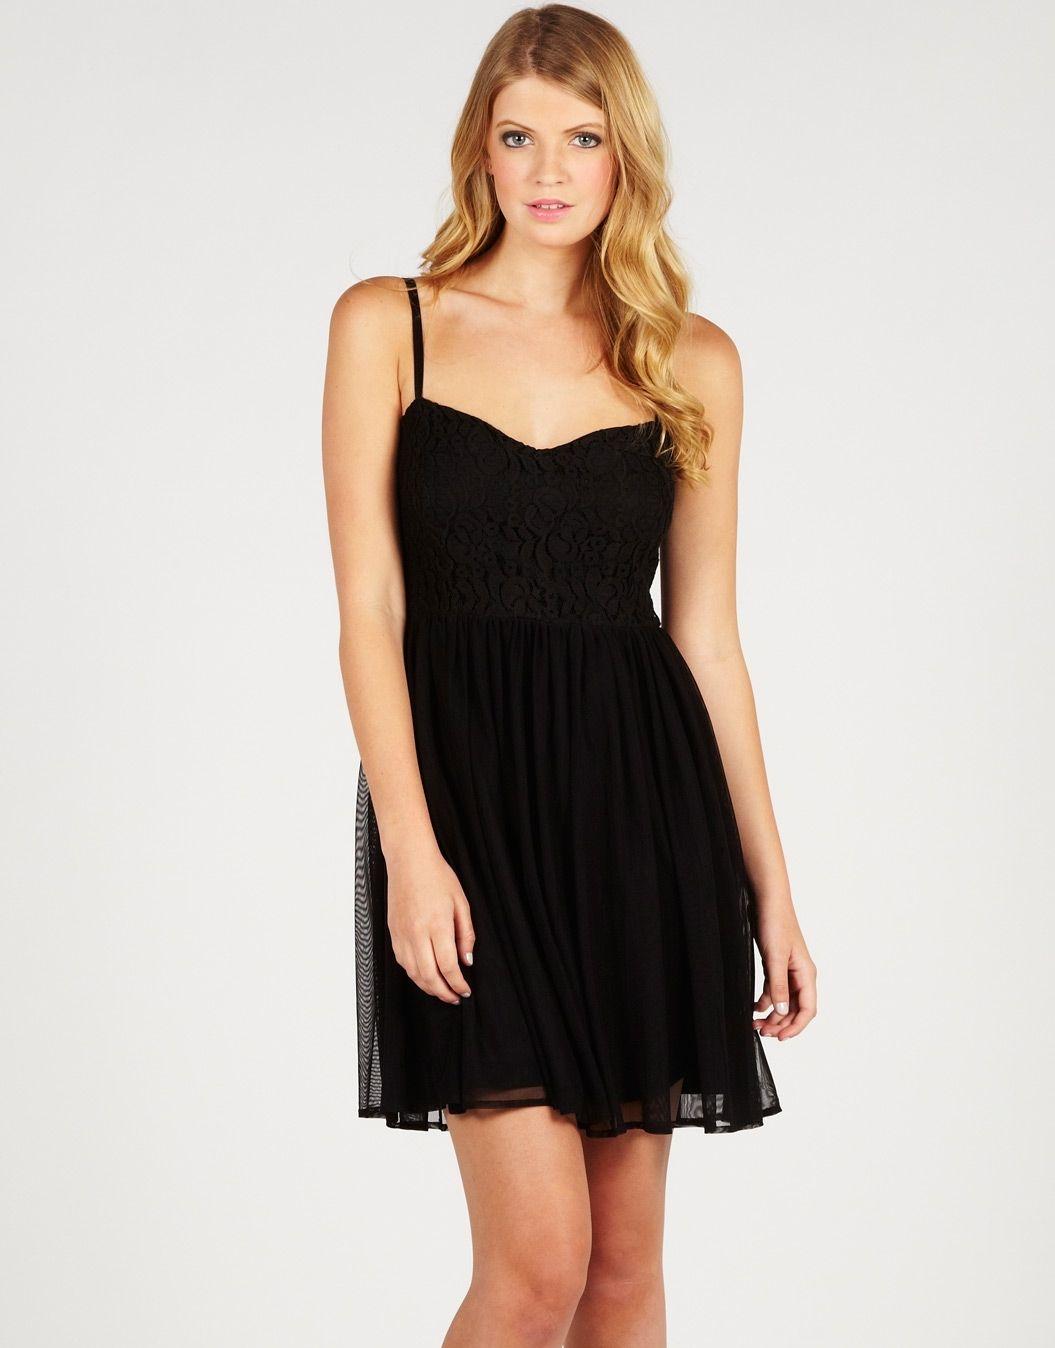 Glassons - Lace Bodice Dress ($30.00) | Lace bodice ...